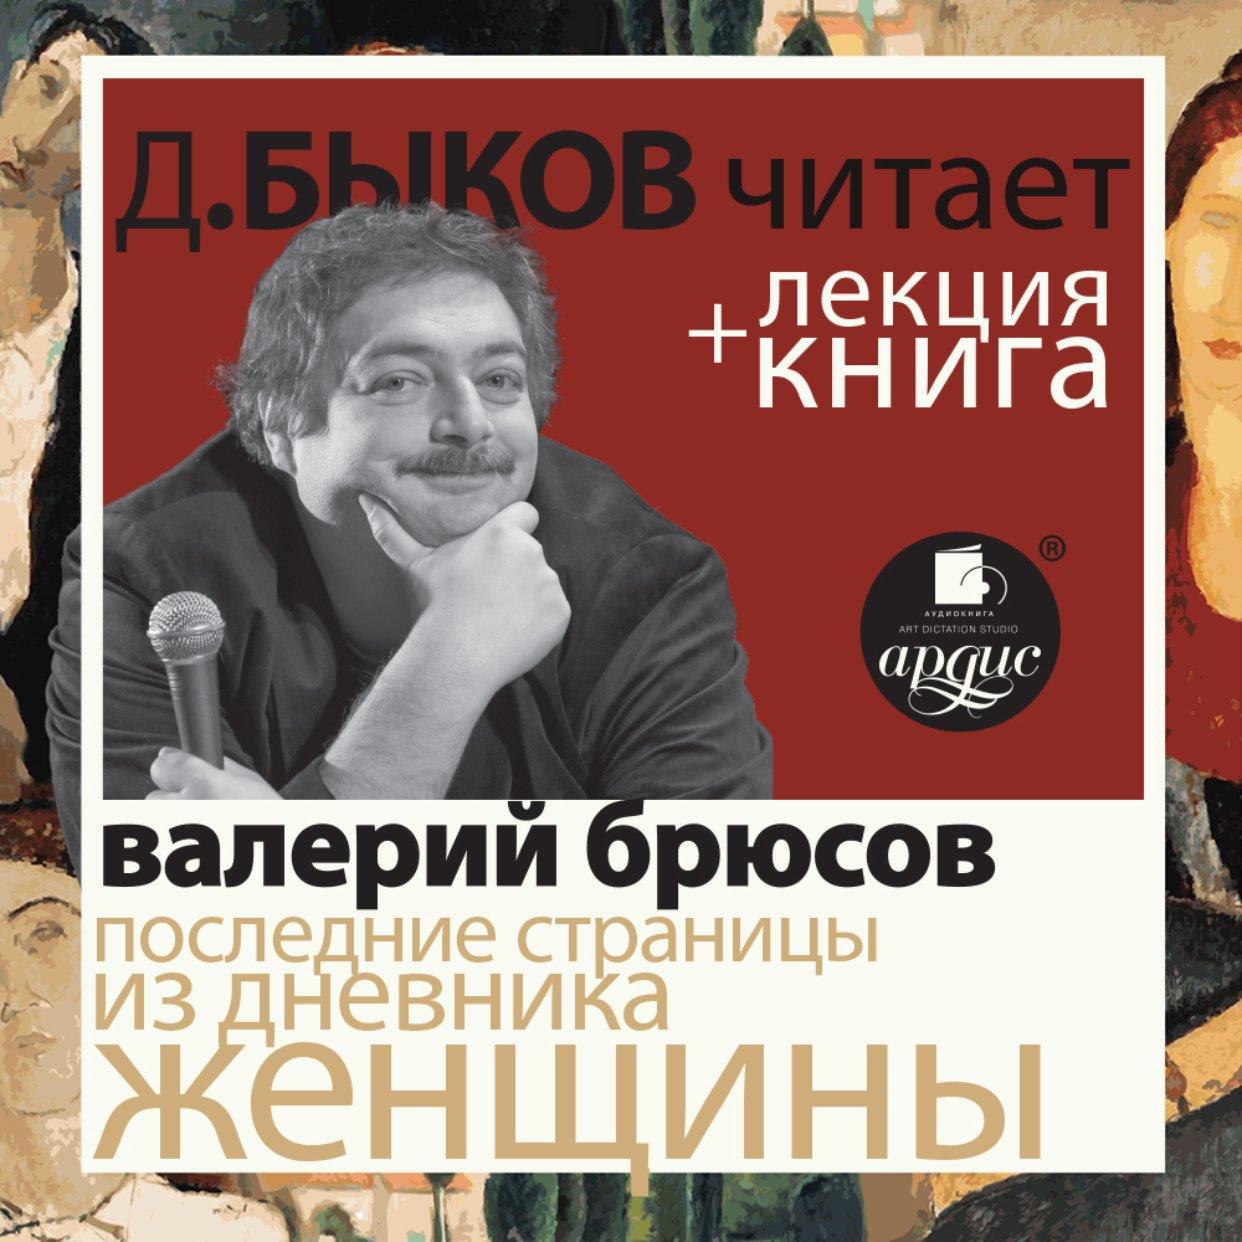 Последние страницы из дневника женщины + лекция Дмитрия Быкова